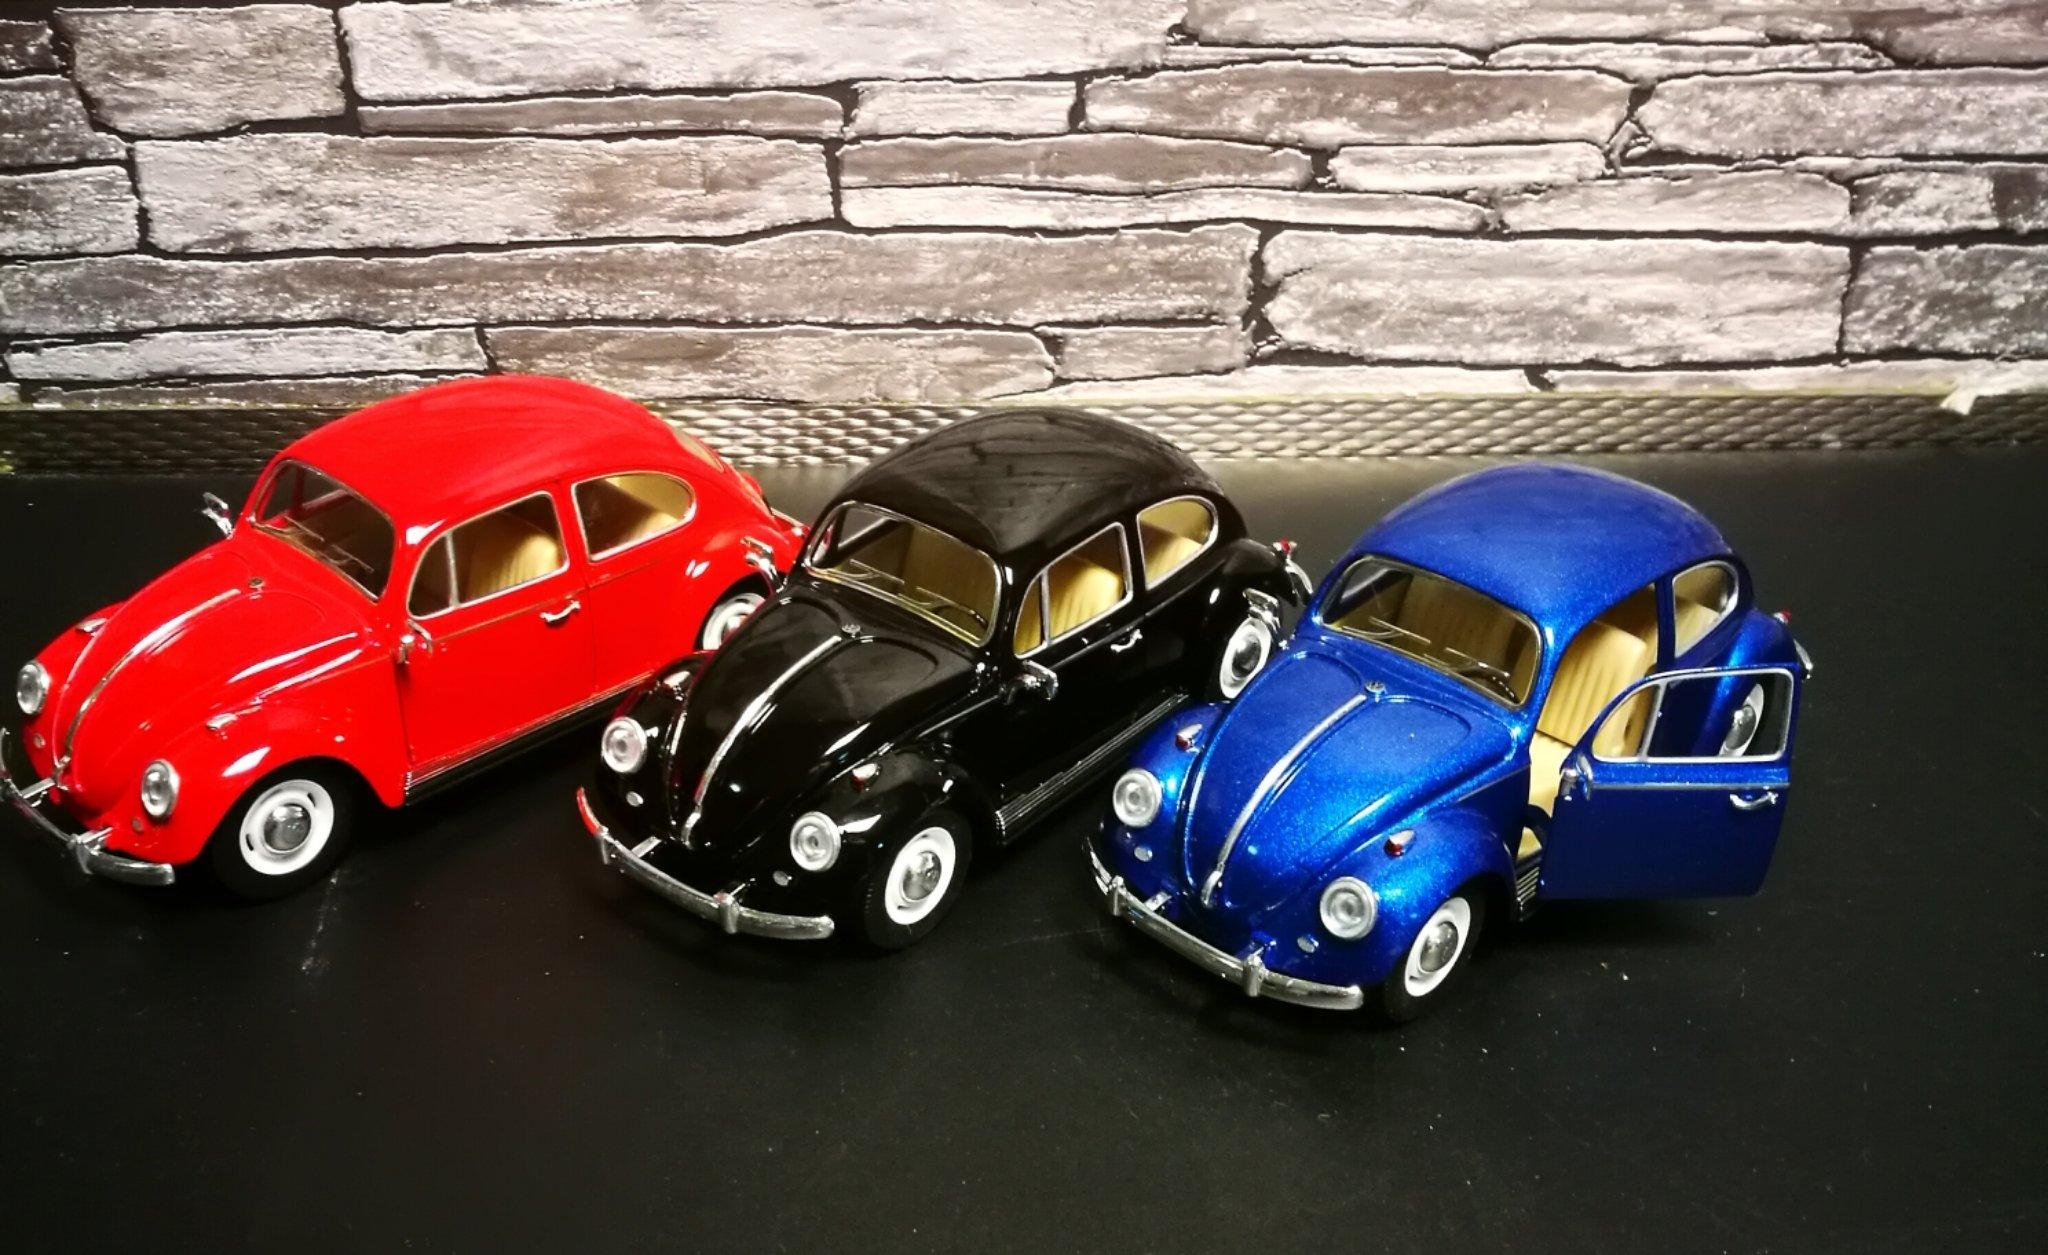 VW classic beetle 1967